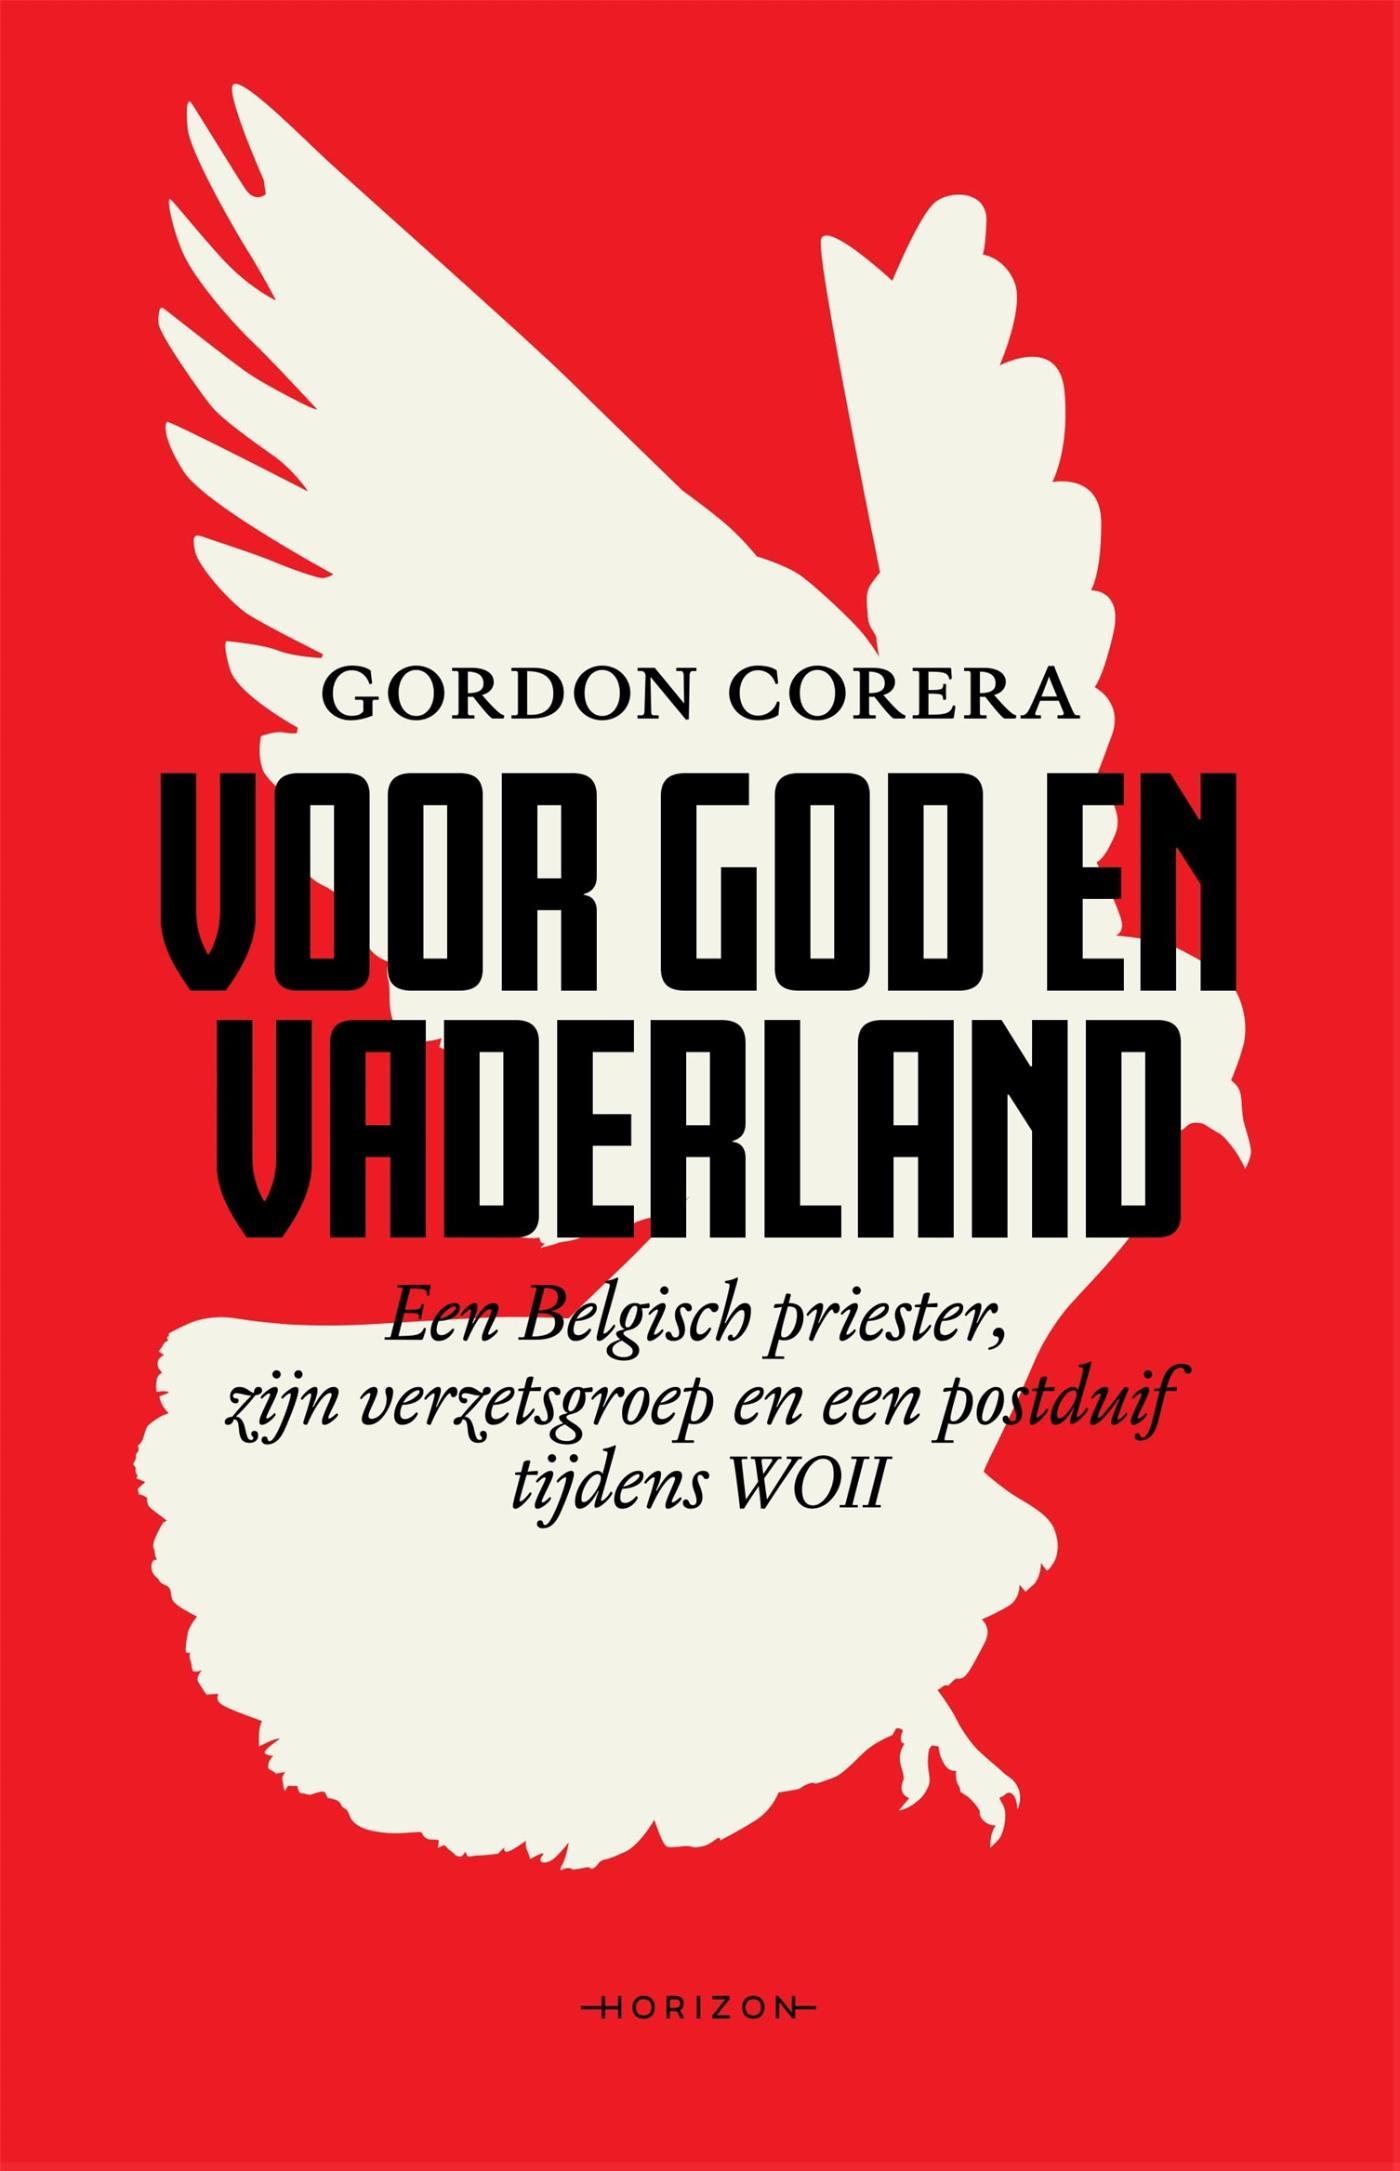 Cover Voor God en vaderland